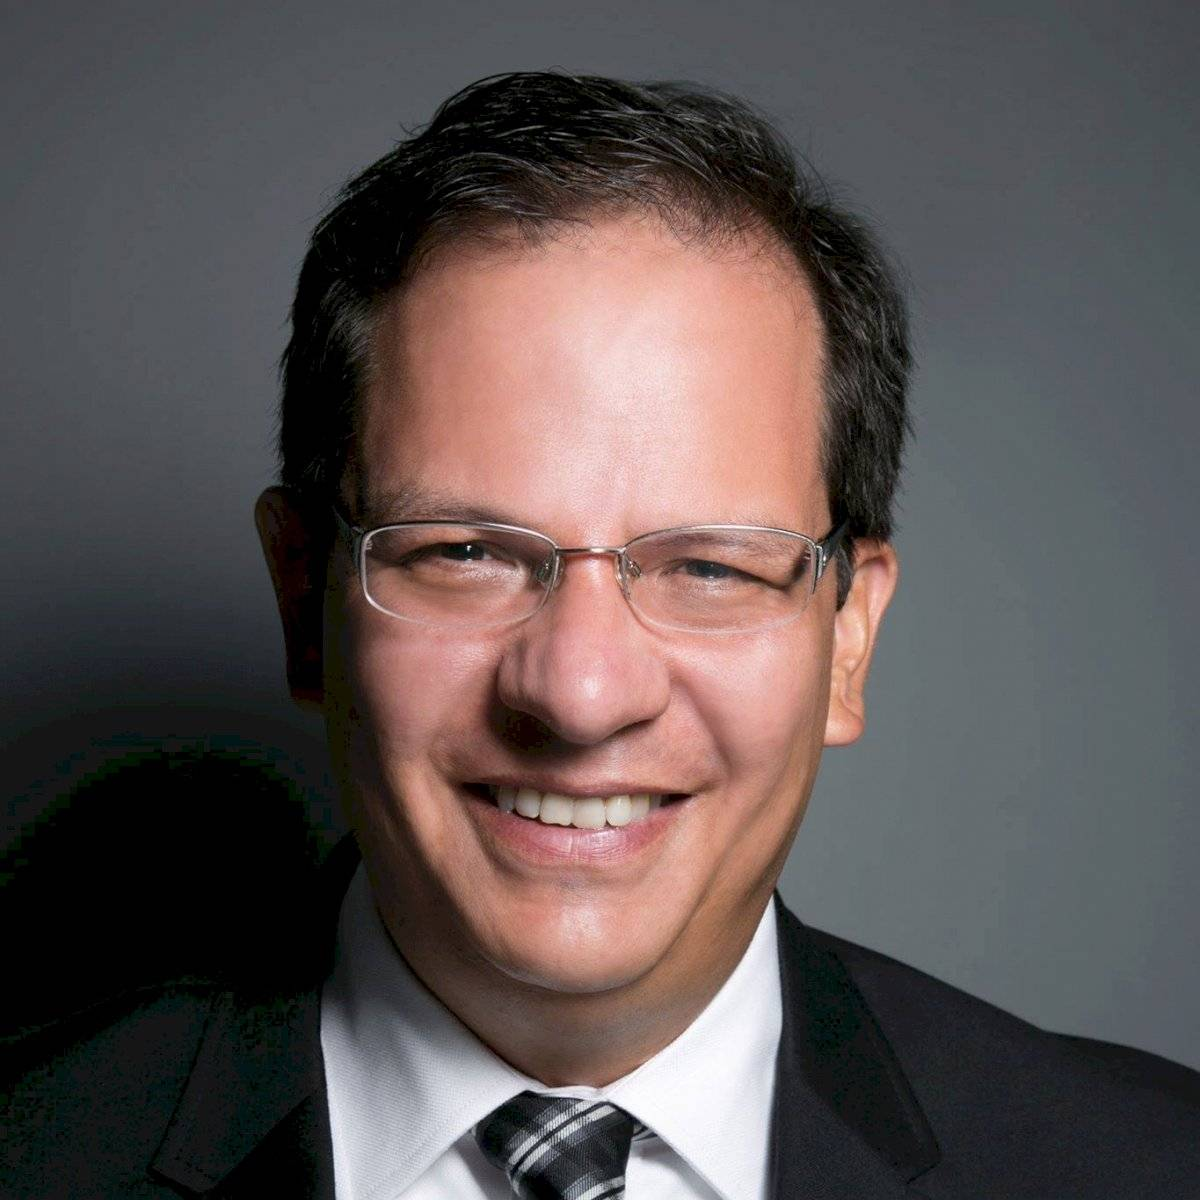 Adolfo Laborde Profesor investigador de la Universidad Anáhuac, México.